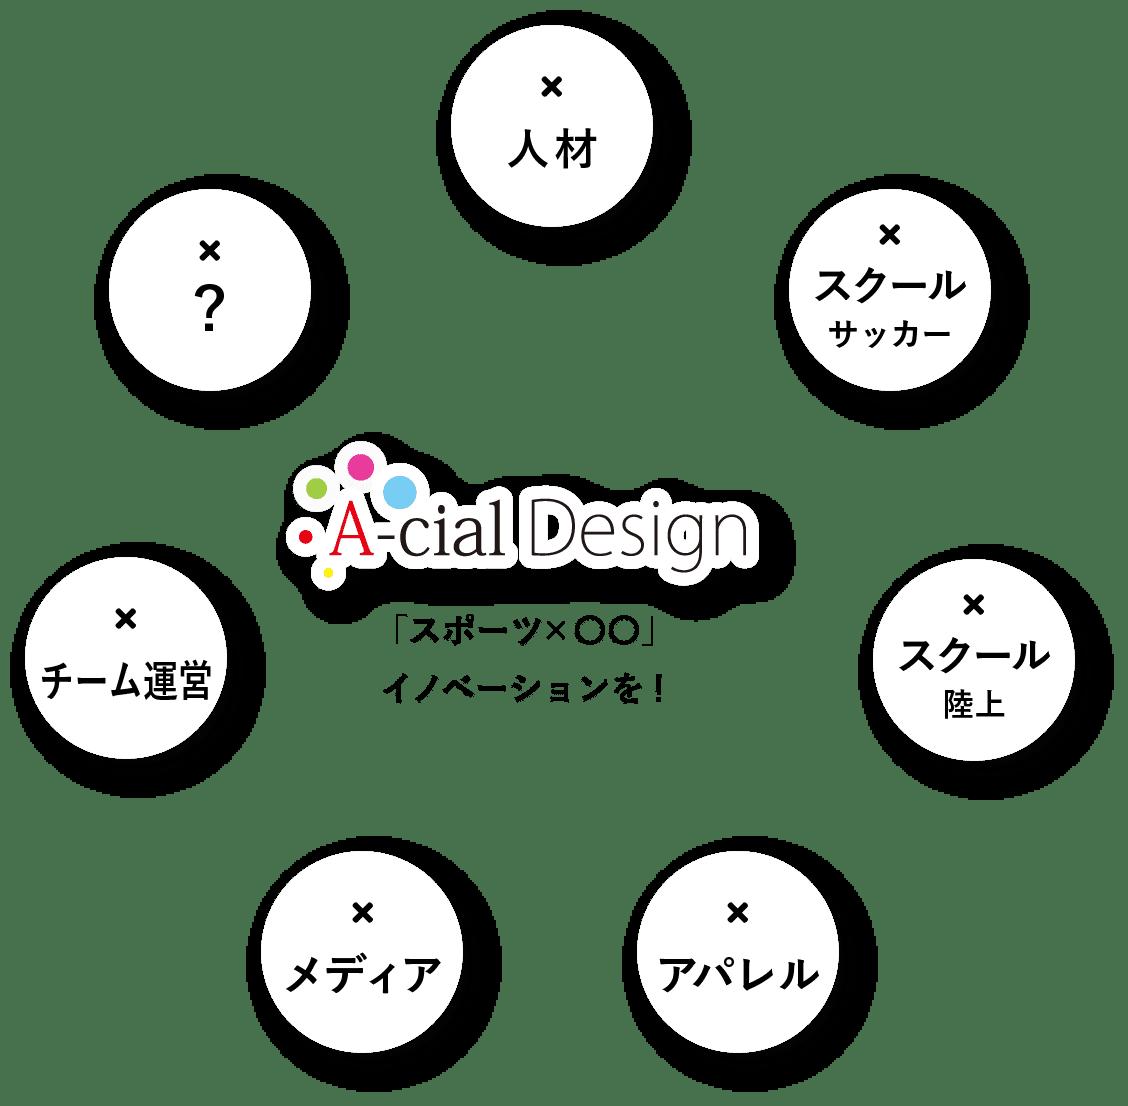 A-cial Designが、展開するビジネスフィールド